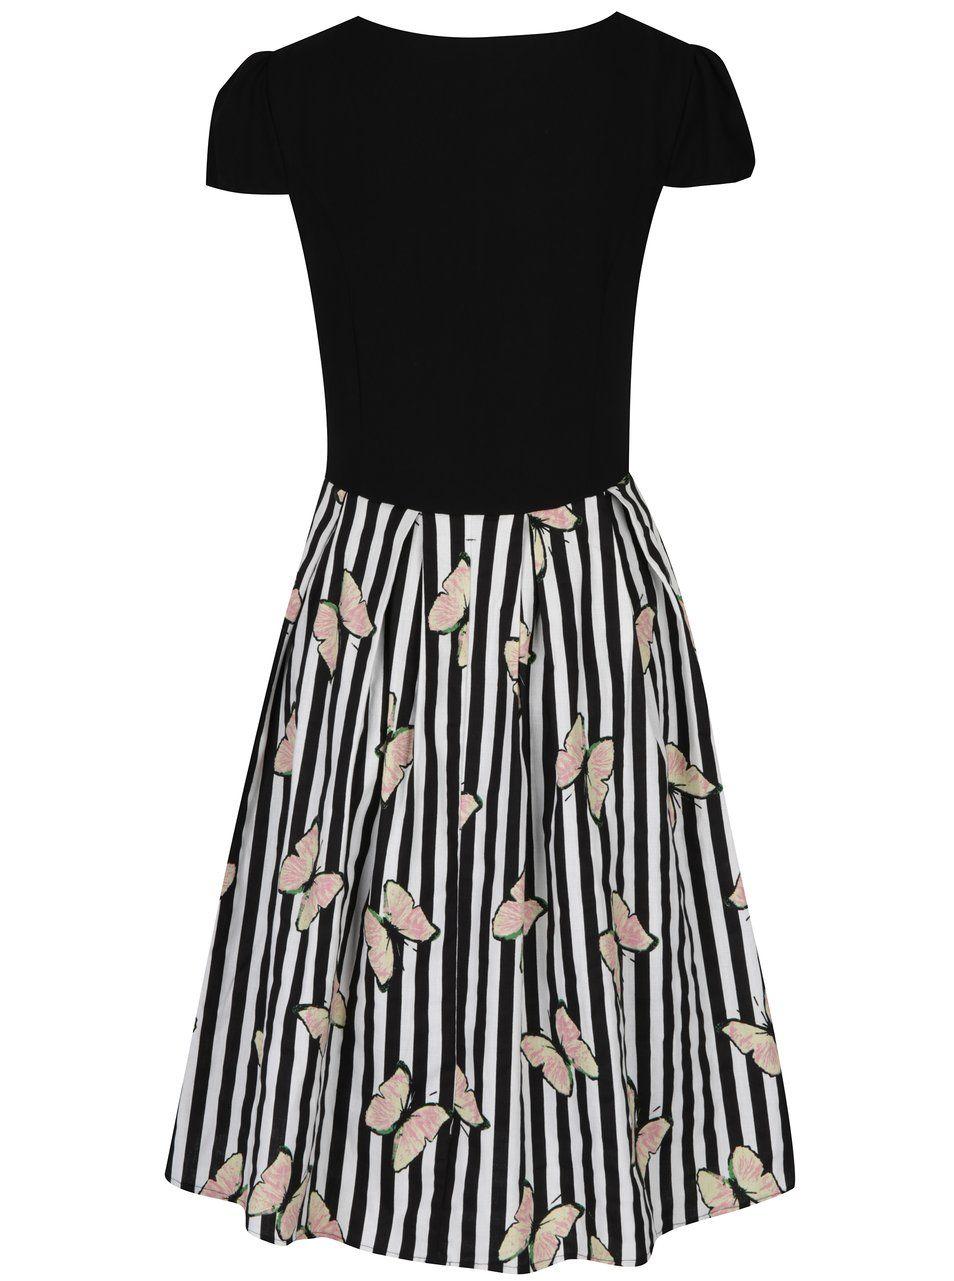 281f888010b8 Černo-bílé vzorované šaty Dolly   Dotty Vanessa